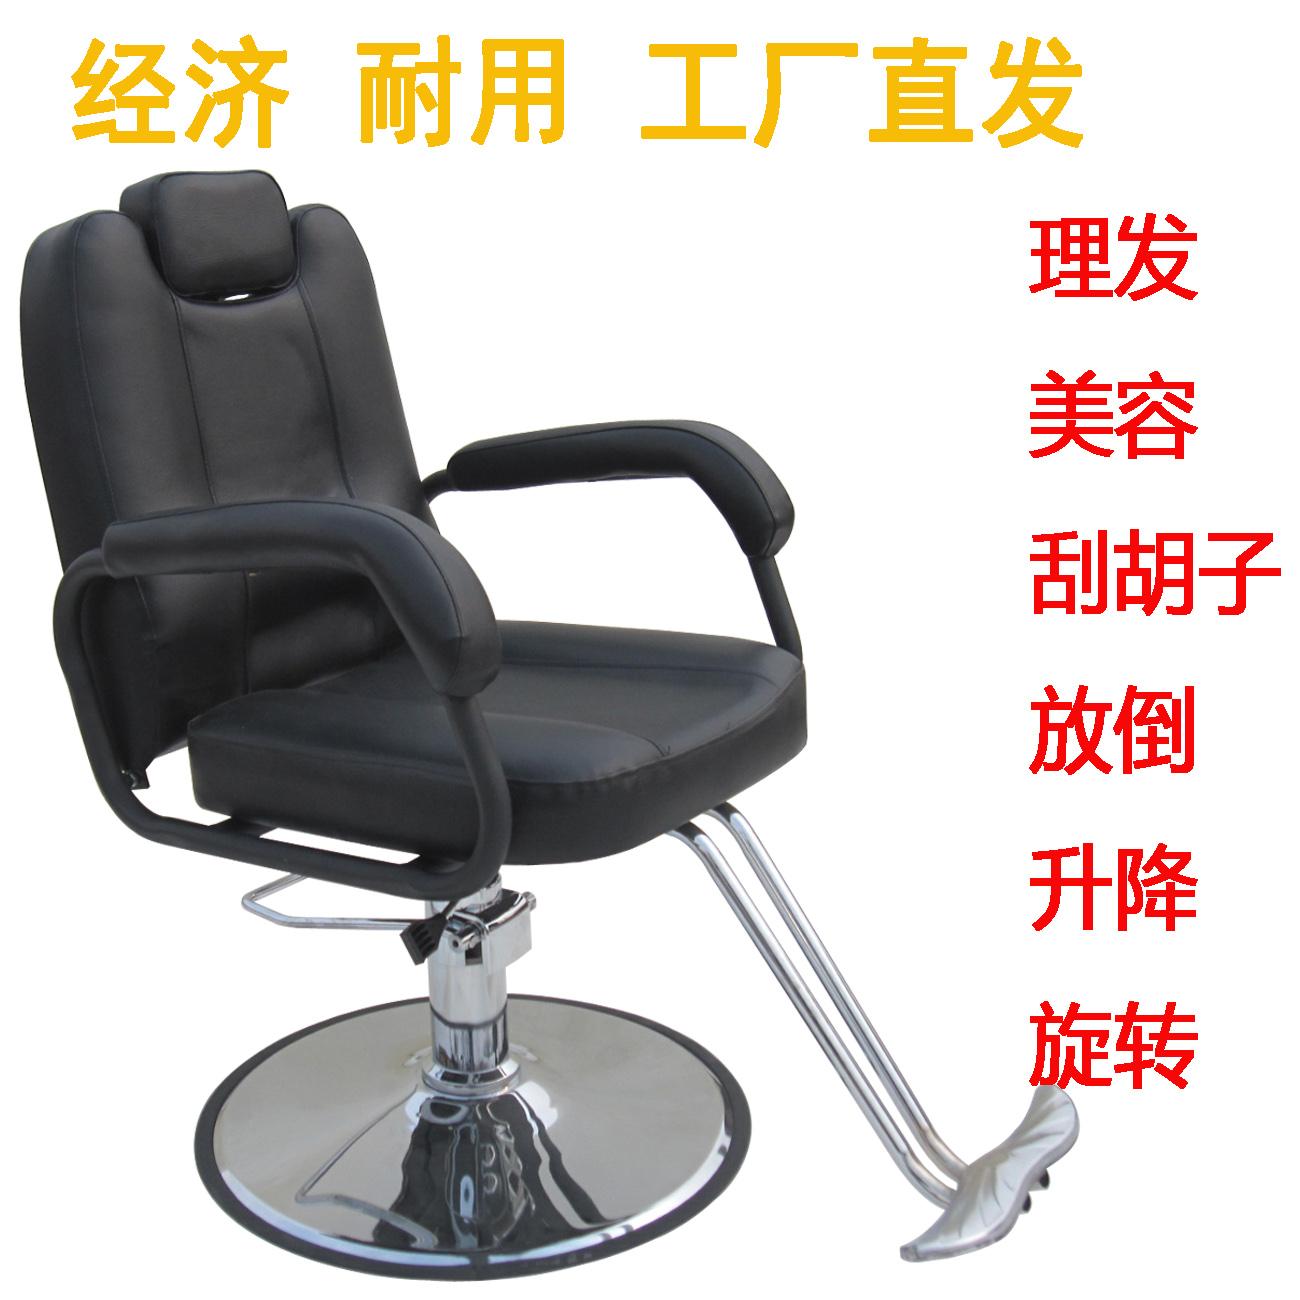 Стрижка стул стул поворотный релиз лить лифтинг парикмахерское дело стул продаётся напрямую с завода ножницы волосы стул H-31201